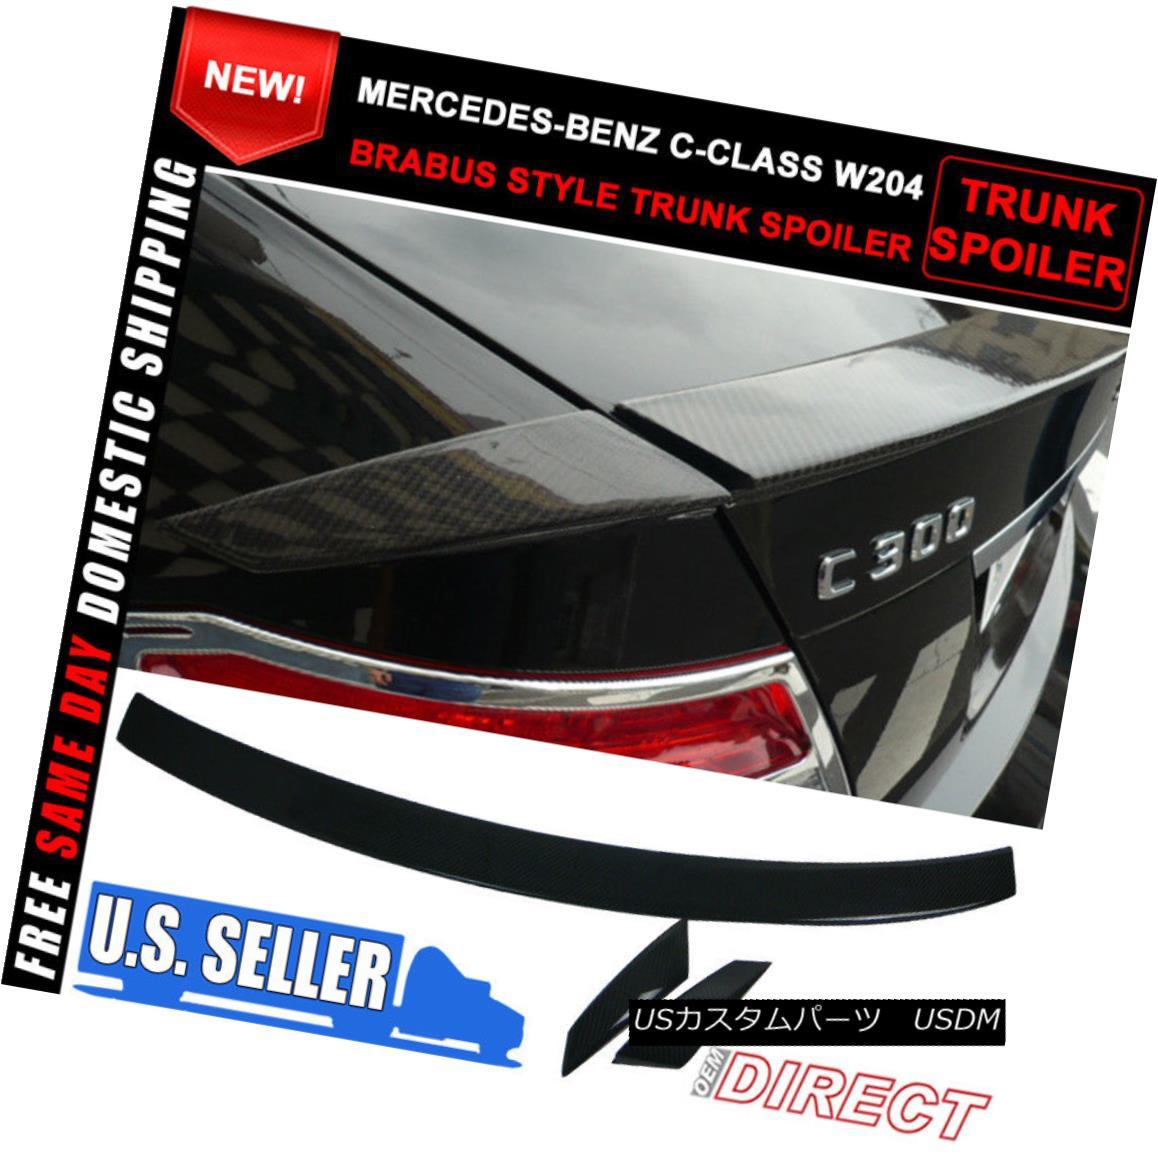 エアロパーツ Fit For 08-14 C-Class W204 B Style Trunk Spoiler Wing - Carbon Fiber (CF) 08-14 CクラスW204 Bスタイルトランク・スポイラー・ウィング用炭素繊維(CF)